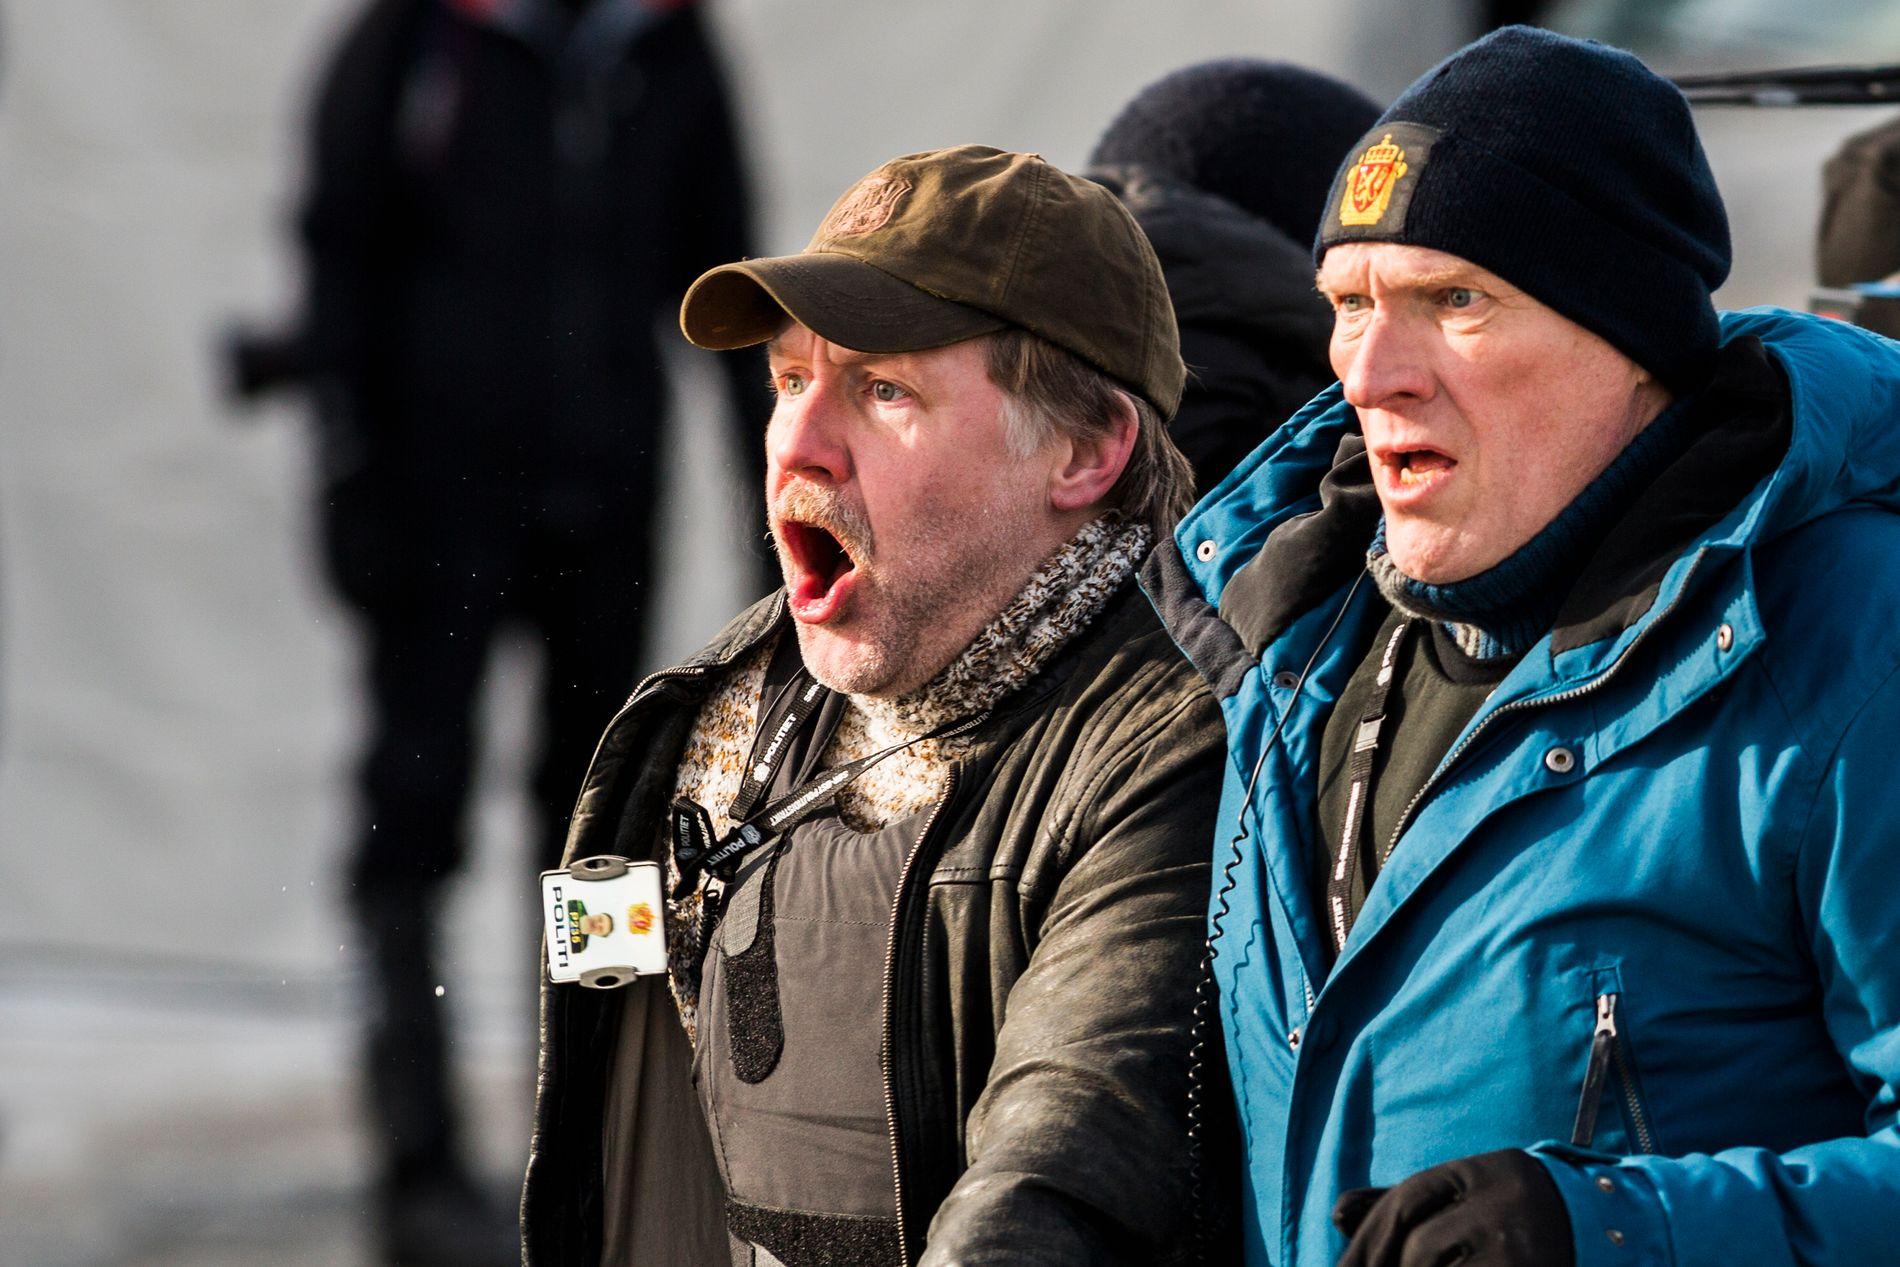 POLITI: Mads Ousdal og Sven Nordin spiller politietterforskere som får en stor sak i hendene.